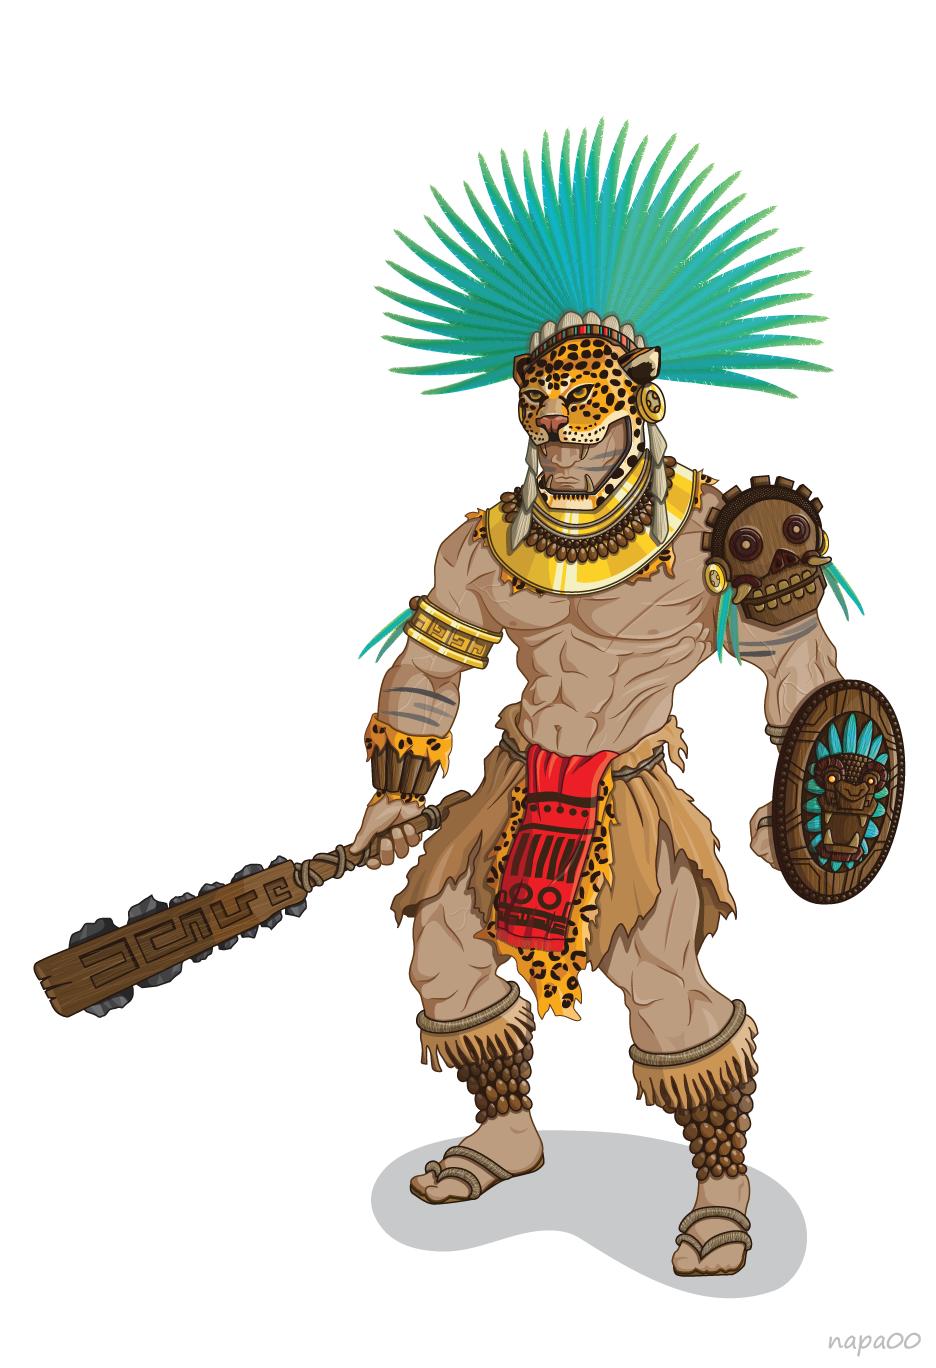 Guerrero Jaguar Ilustración vectorizada. Braulio Barboza Miranda. |  Guerreros jaguar, Aztecas dibujos, Guerrero azteca